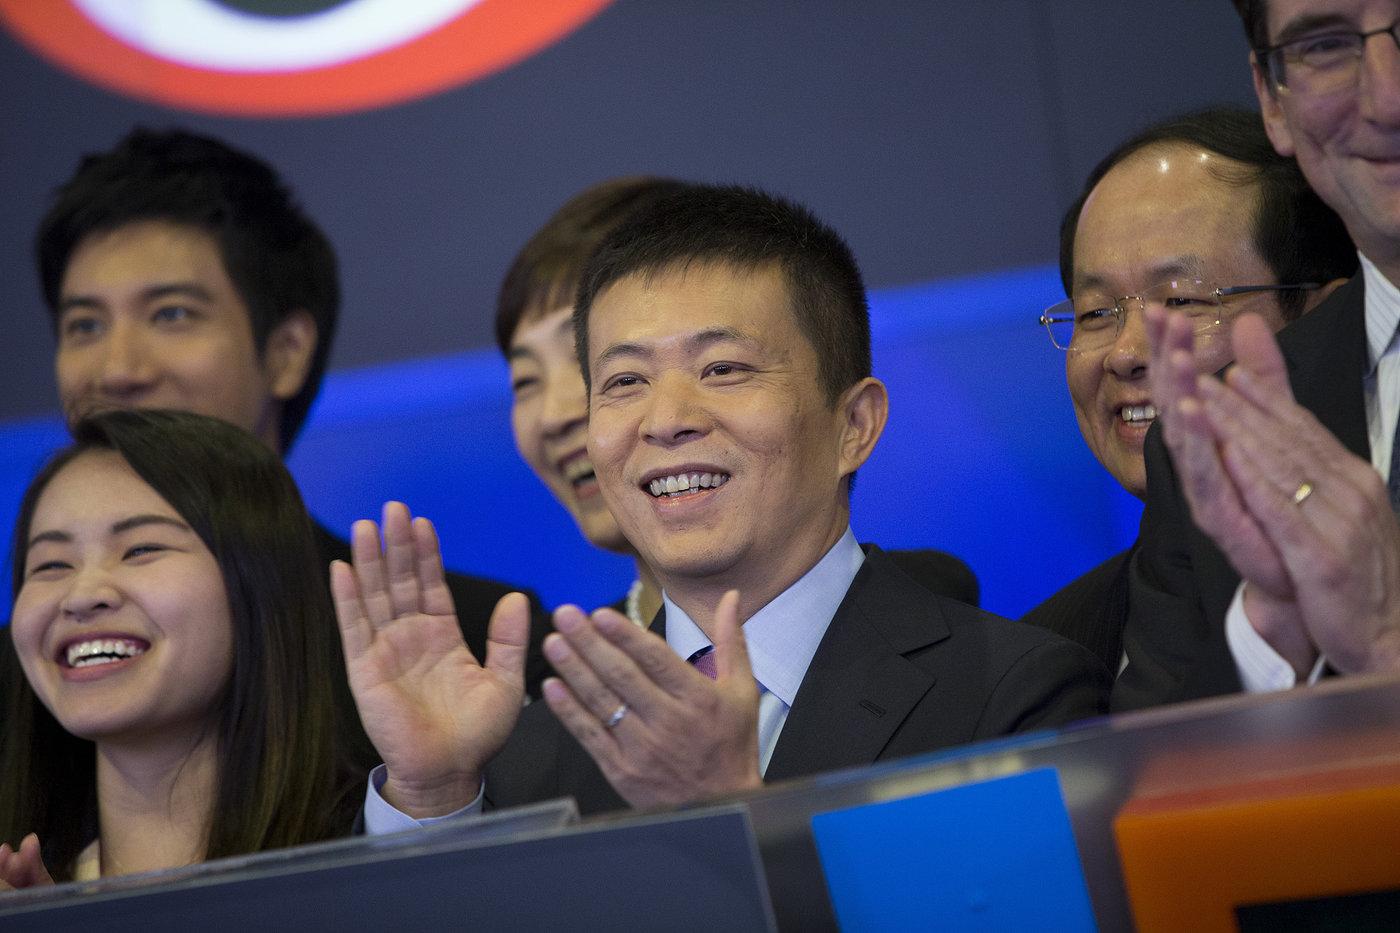 2014年4月17日,美国纽约,新浪旗下微博业务正式登陆纳斯达克。图片来源@视觉中国